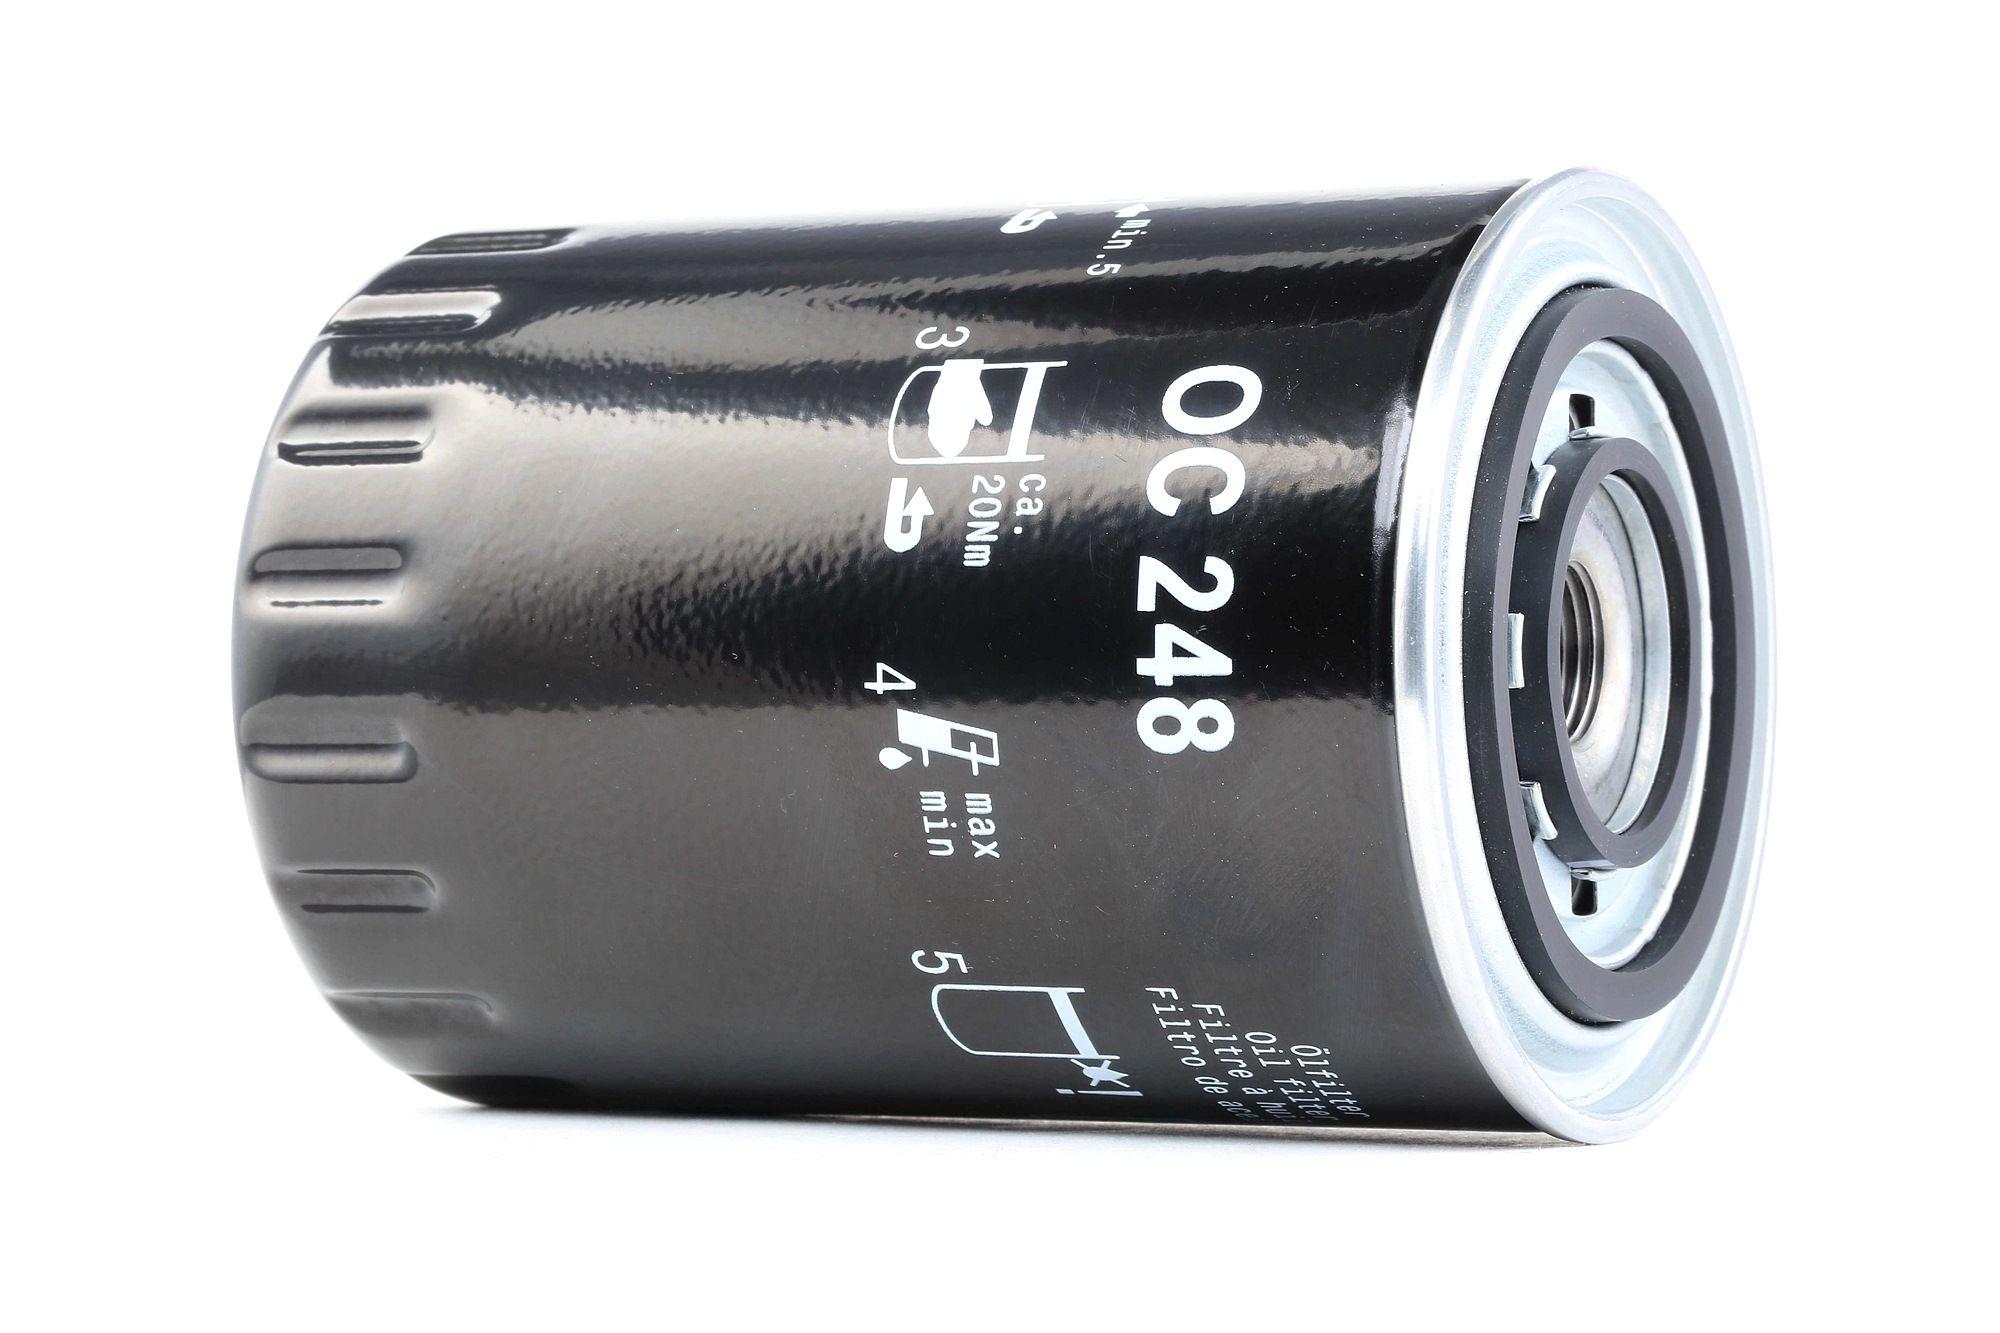 RENAULT TRAFIC Ersatzteile: Ölfilter OC 248 > Niedrige Preise - Jetzt kaufen!